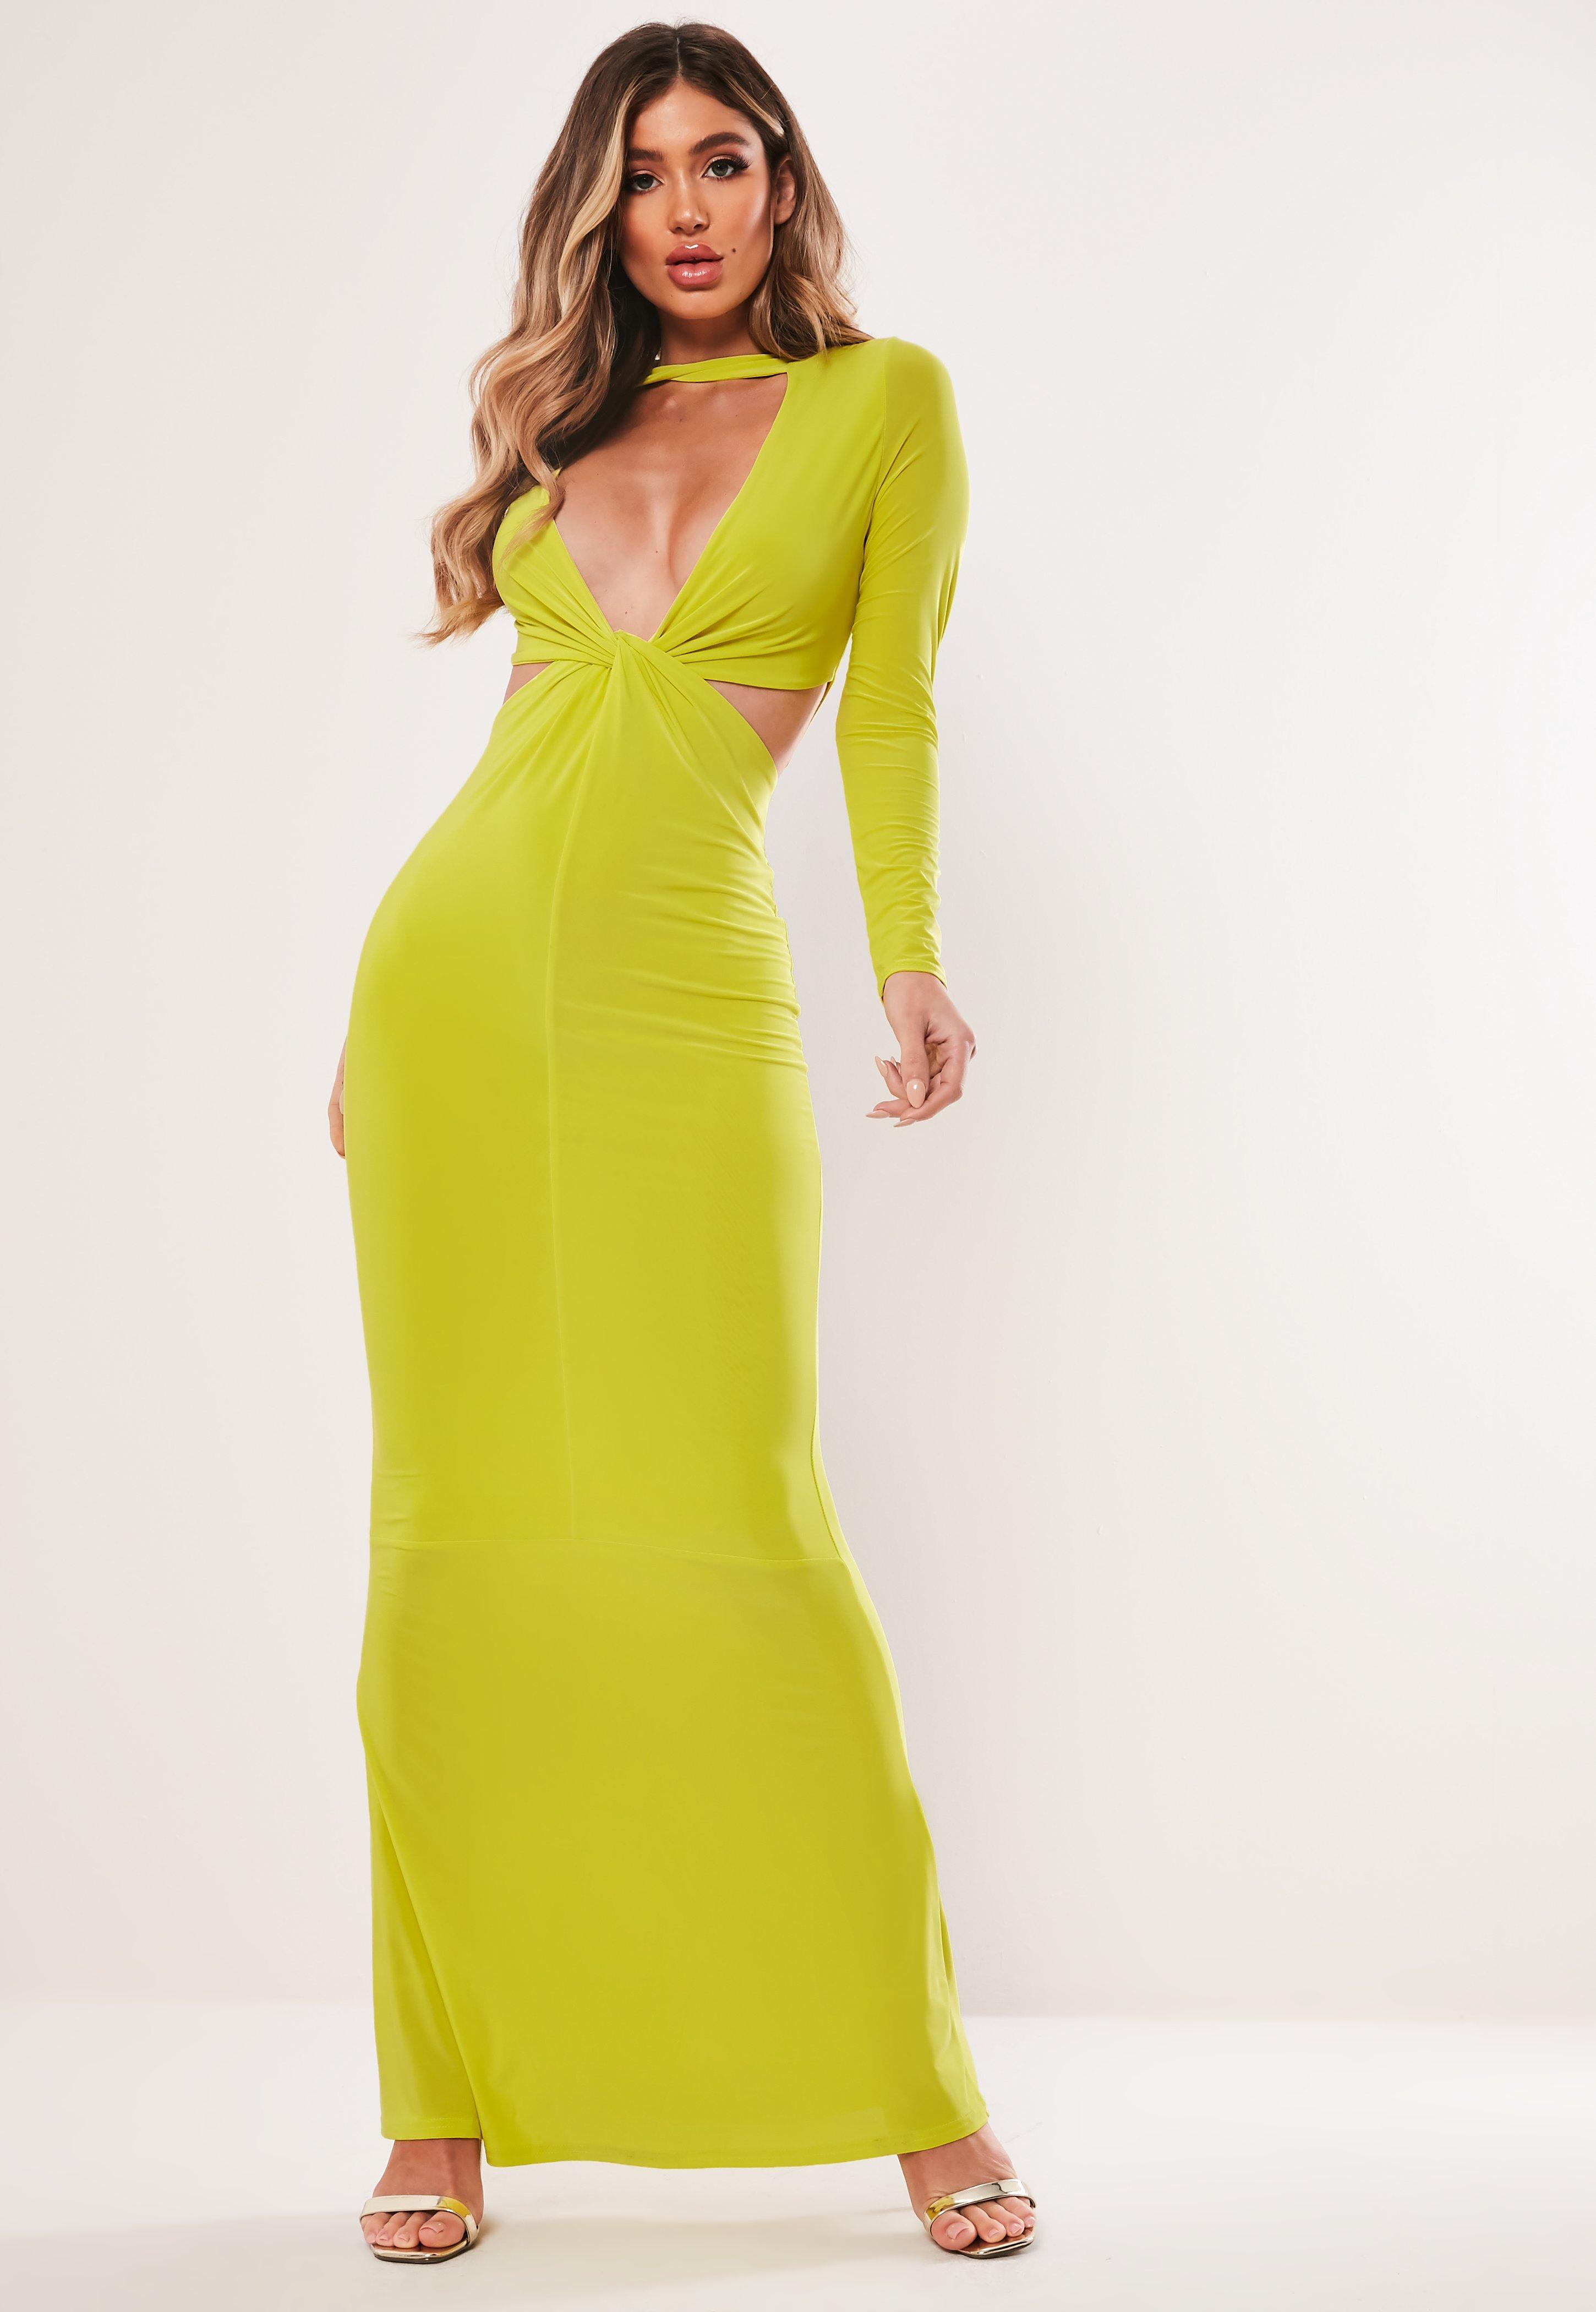 Żółta neonowa sukienka maxi z głębokim dekoltem